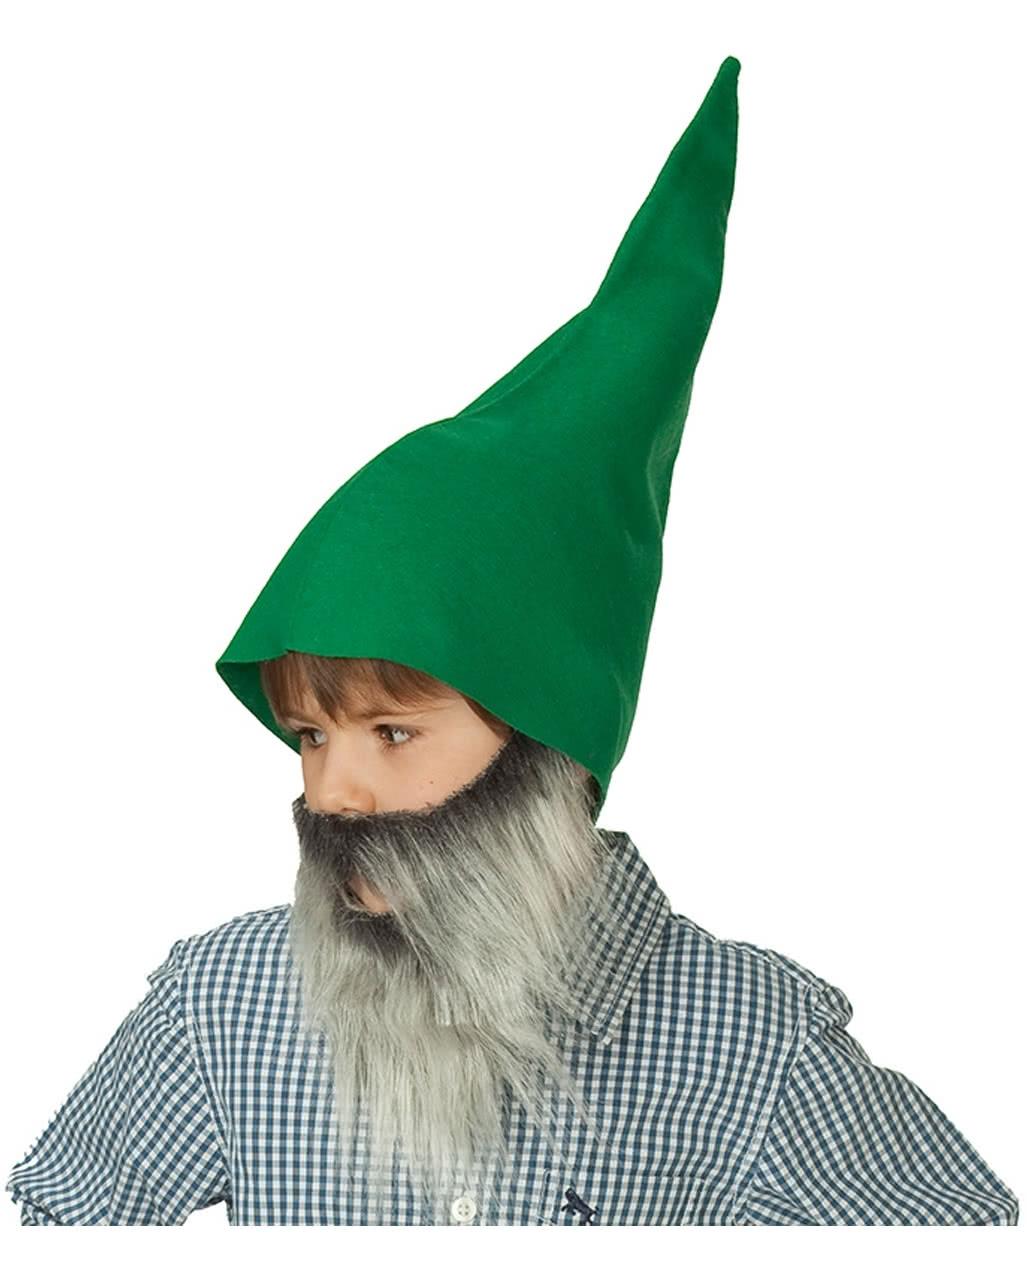 ec0d57bffc5 Dwarf Hat Green